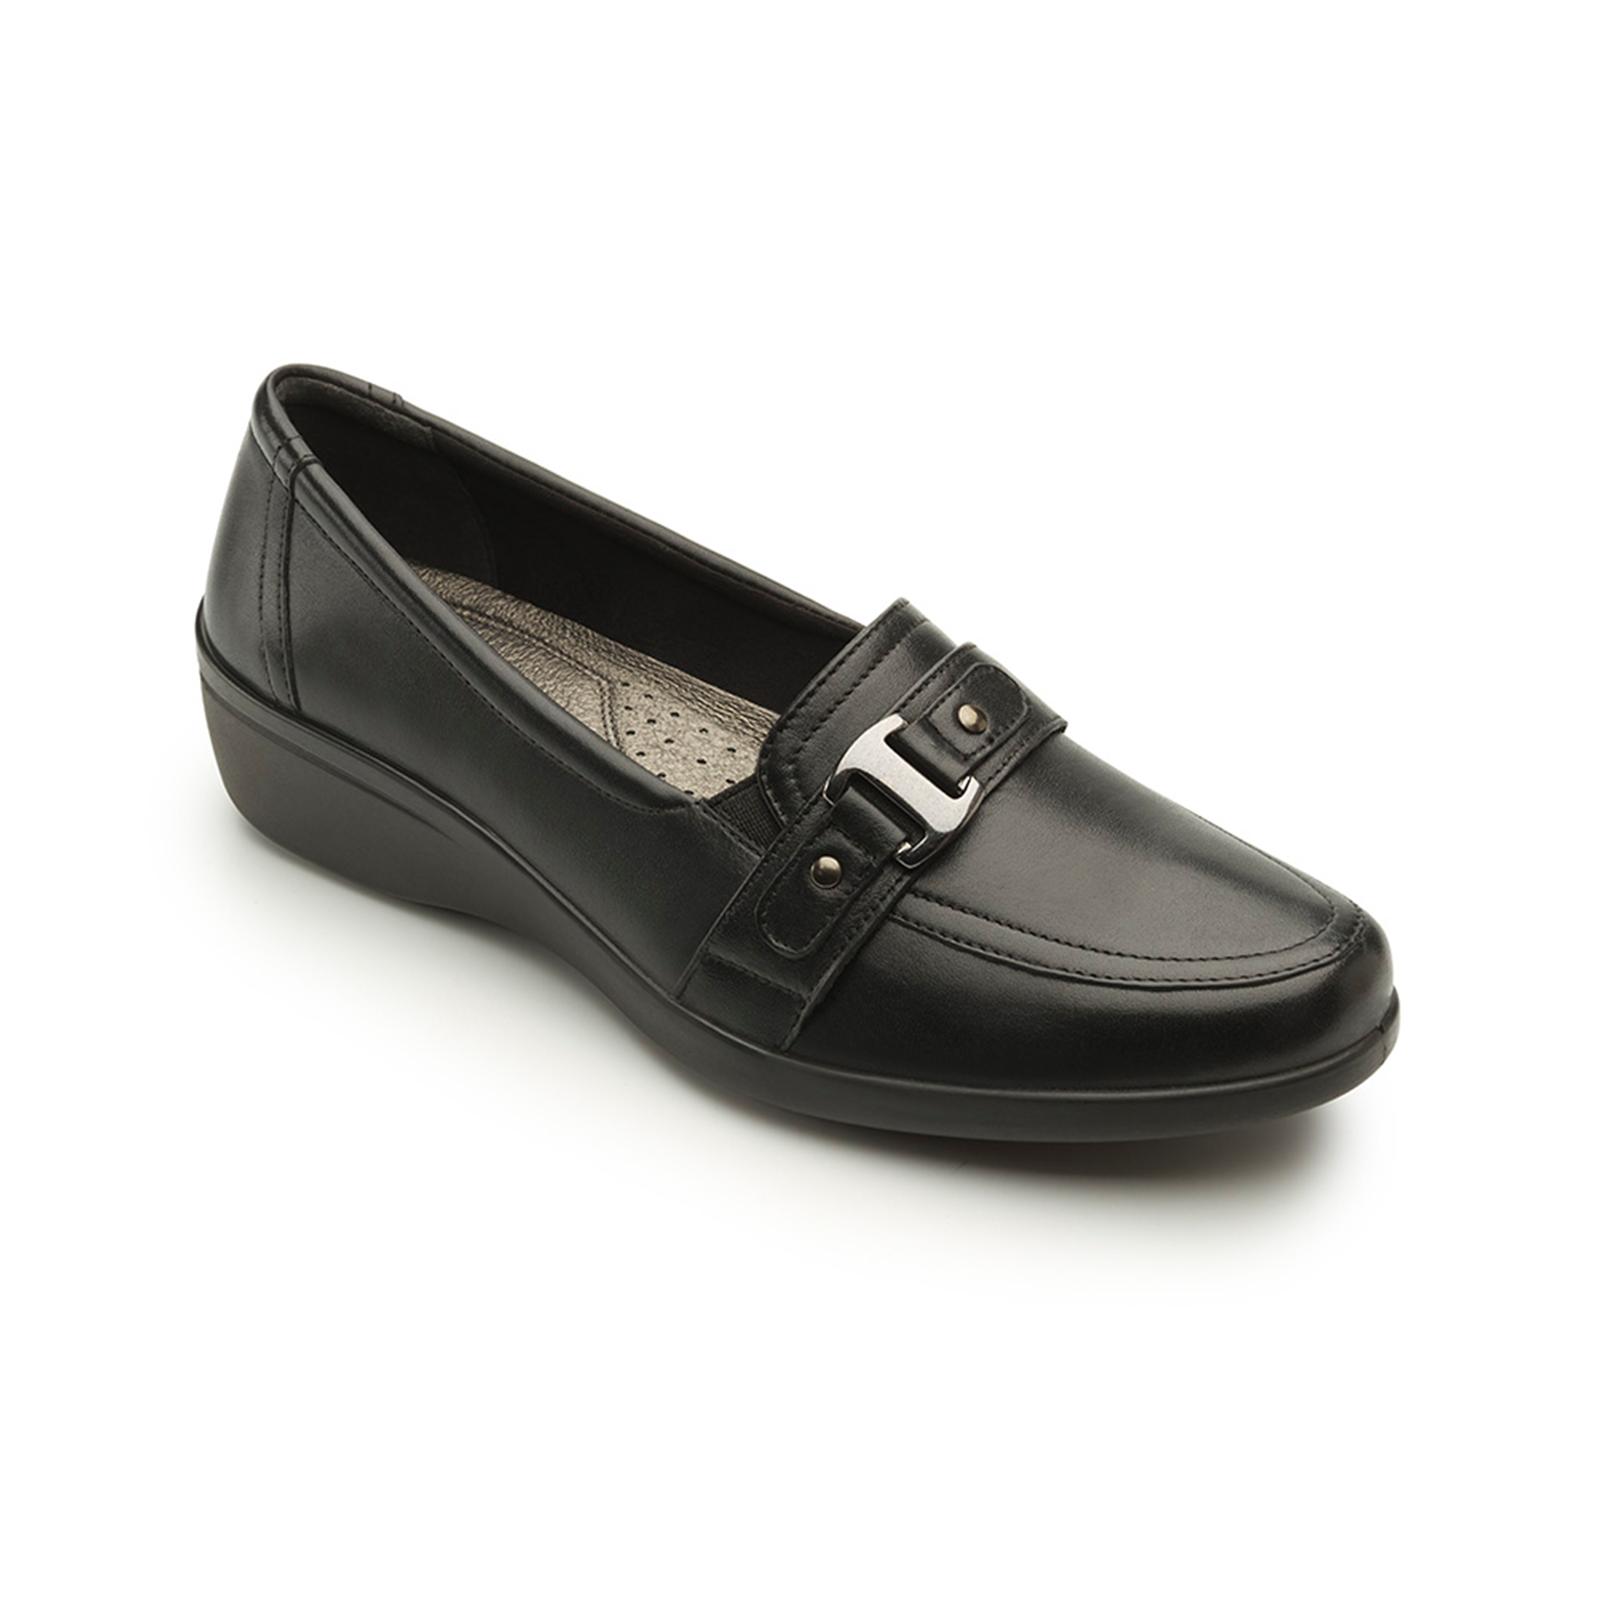 abb92a7907b63 Zapatos Confort para Dama al mejor precio - Zapaterías Flexi México